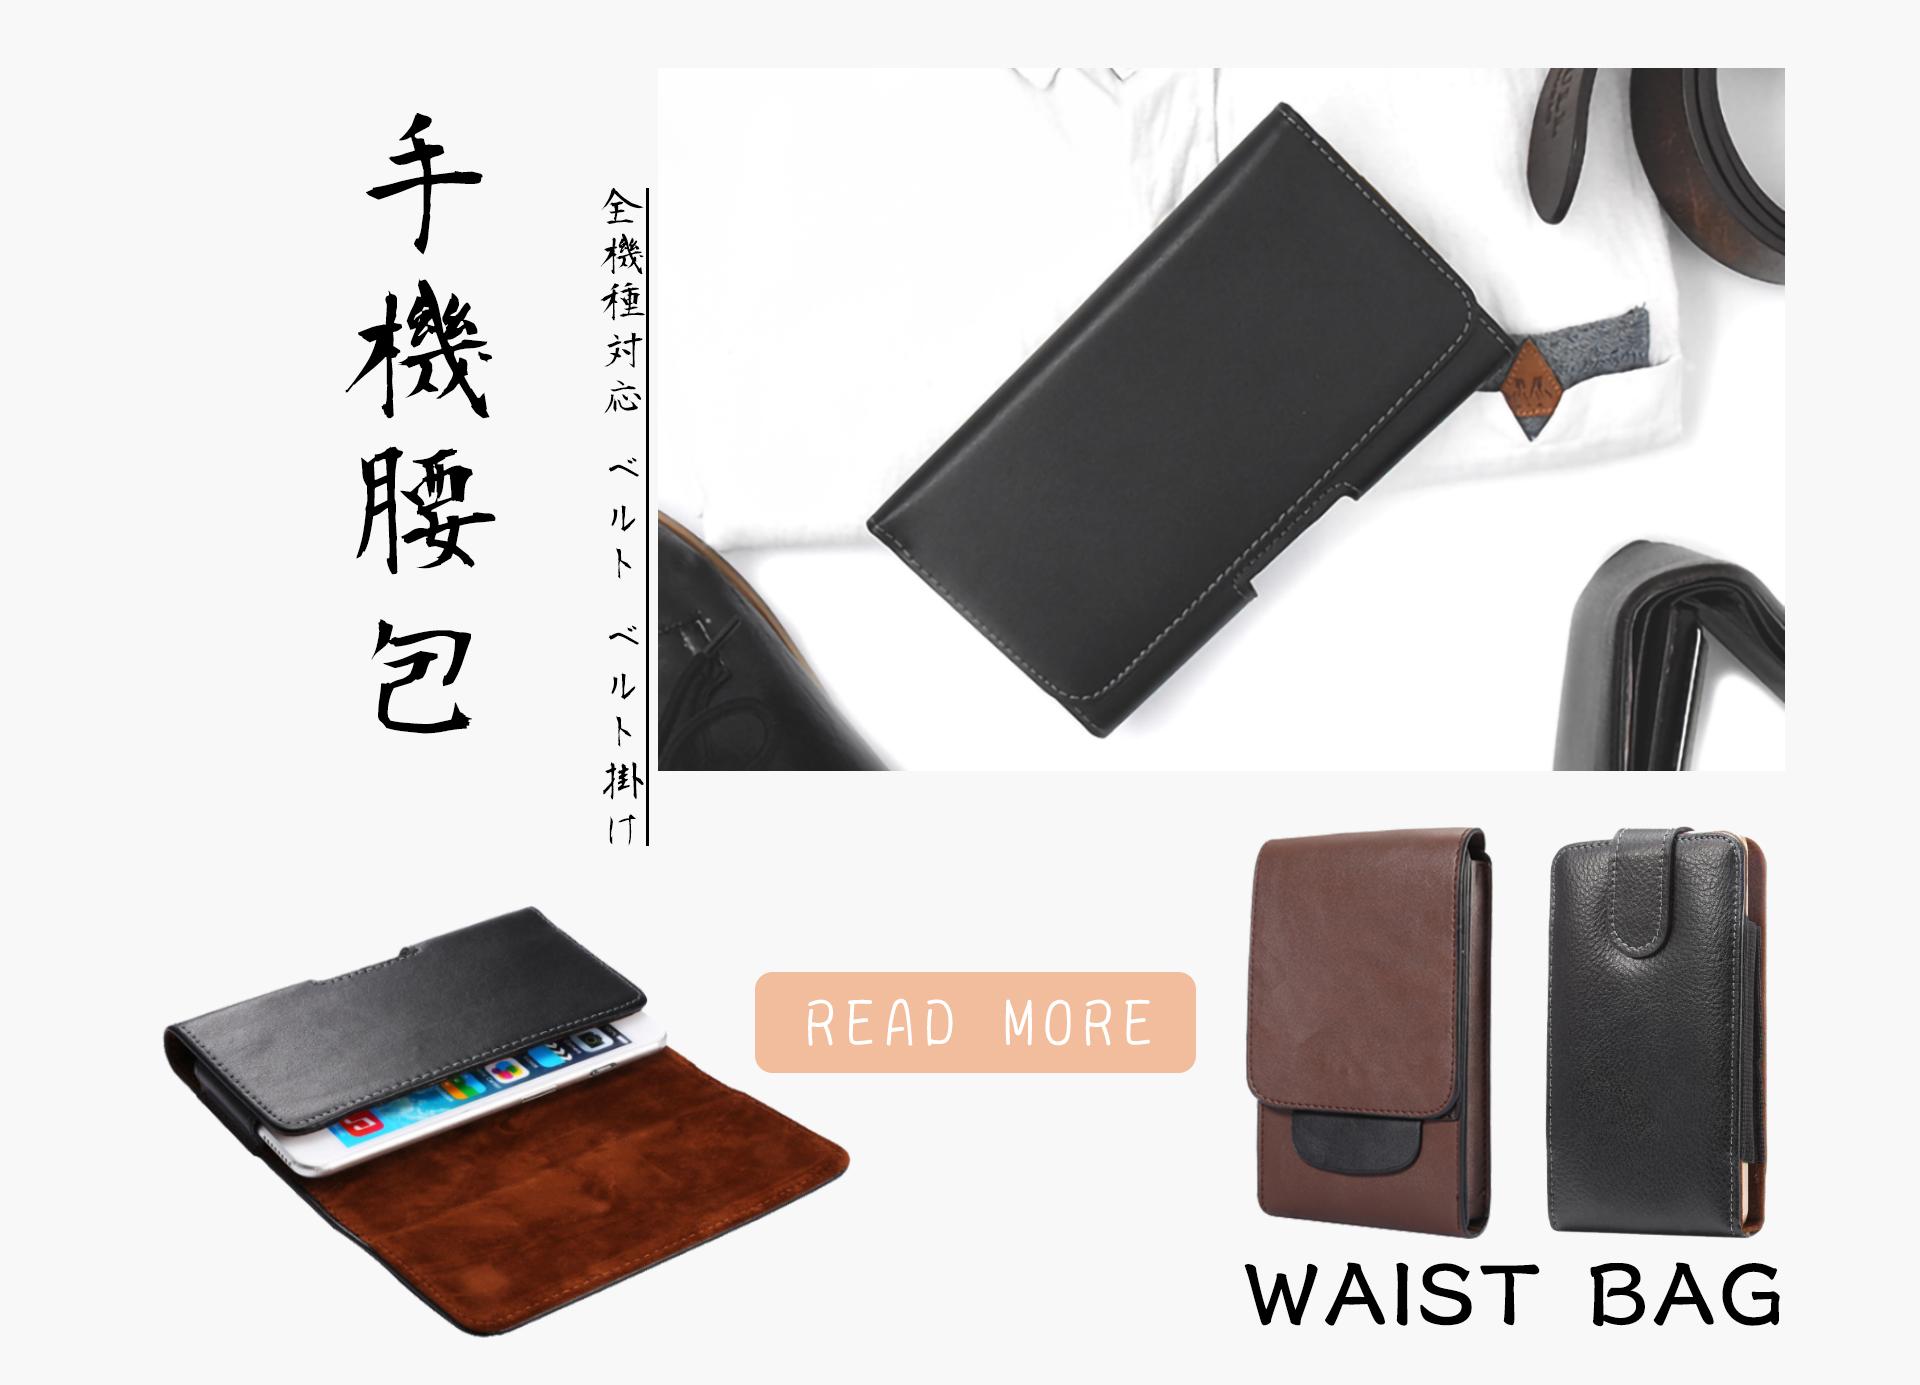 皮革腰包(WAIST BAG) - 手機腰包